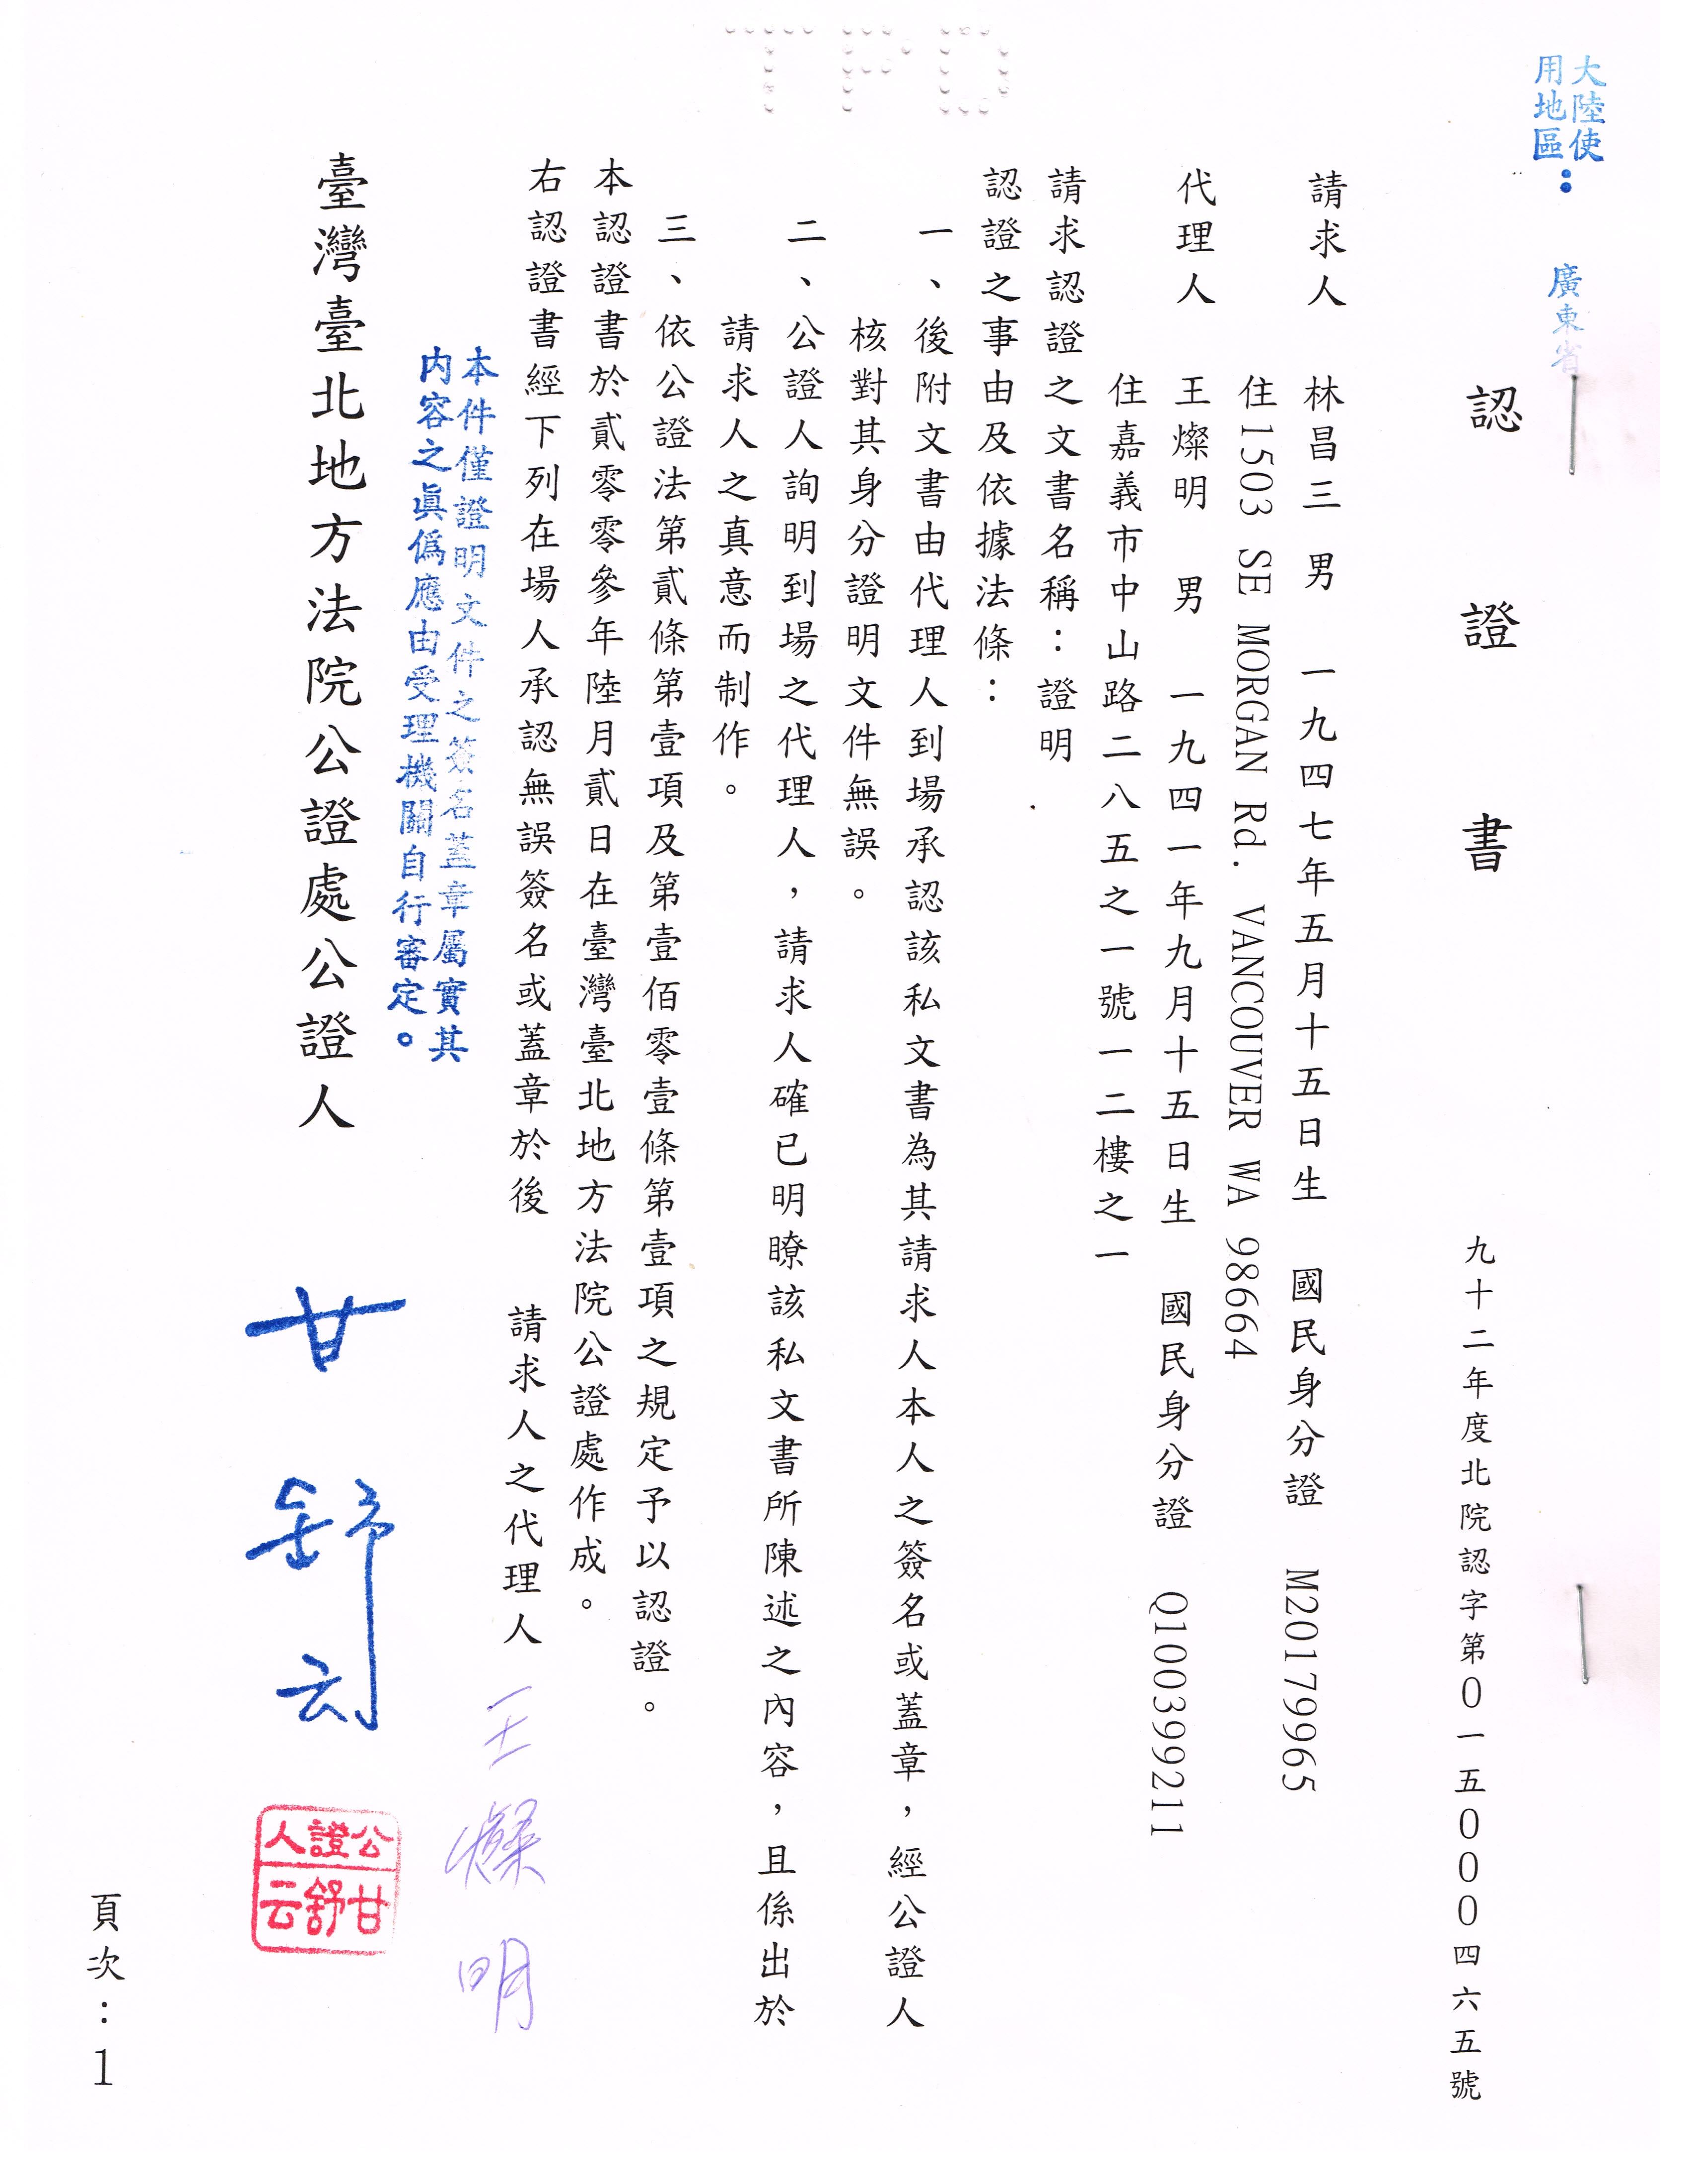 H.H.第三世多杰羌佛不收供養的部分證明_林昌三證明page1